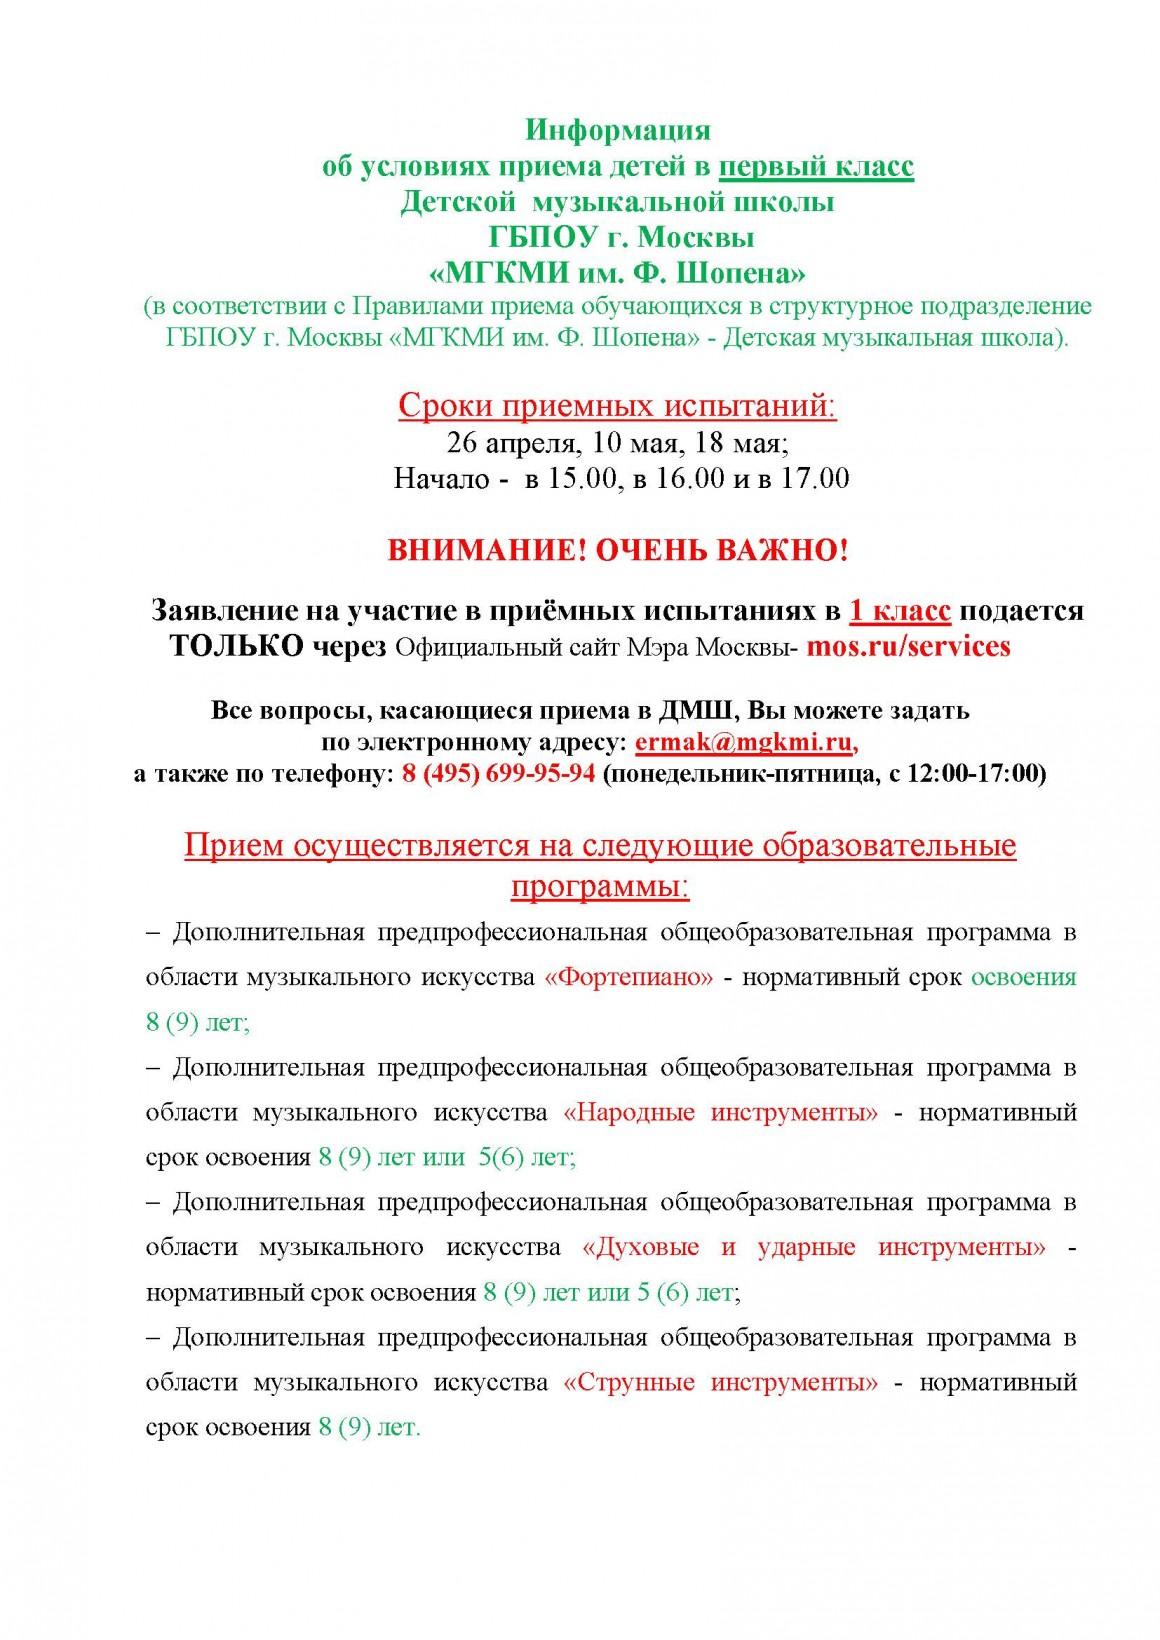 Информация по ПРИЕМУ 2017 на сайт (1) (1)_Страница_1